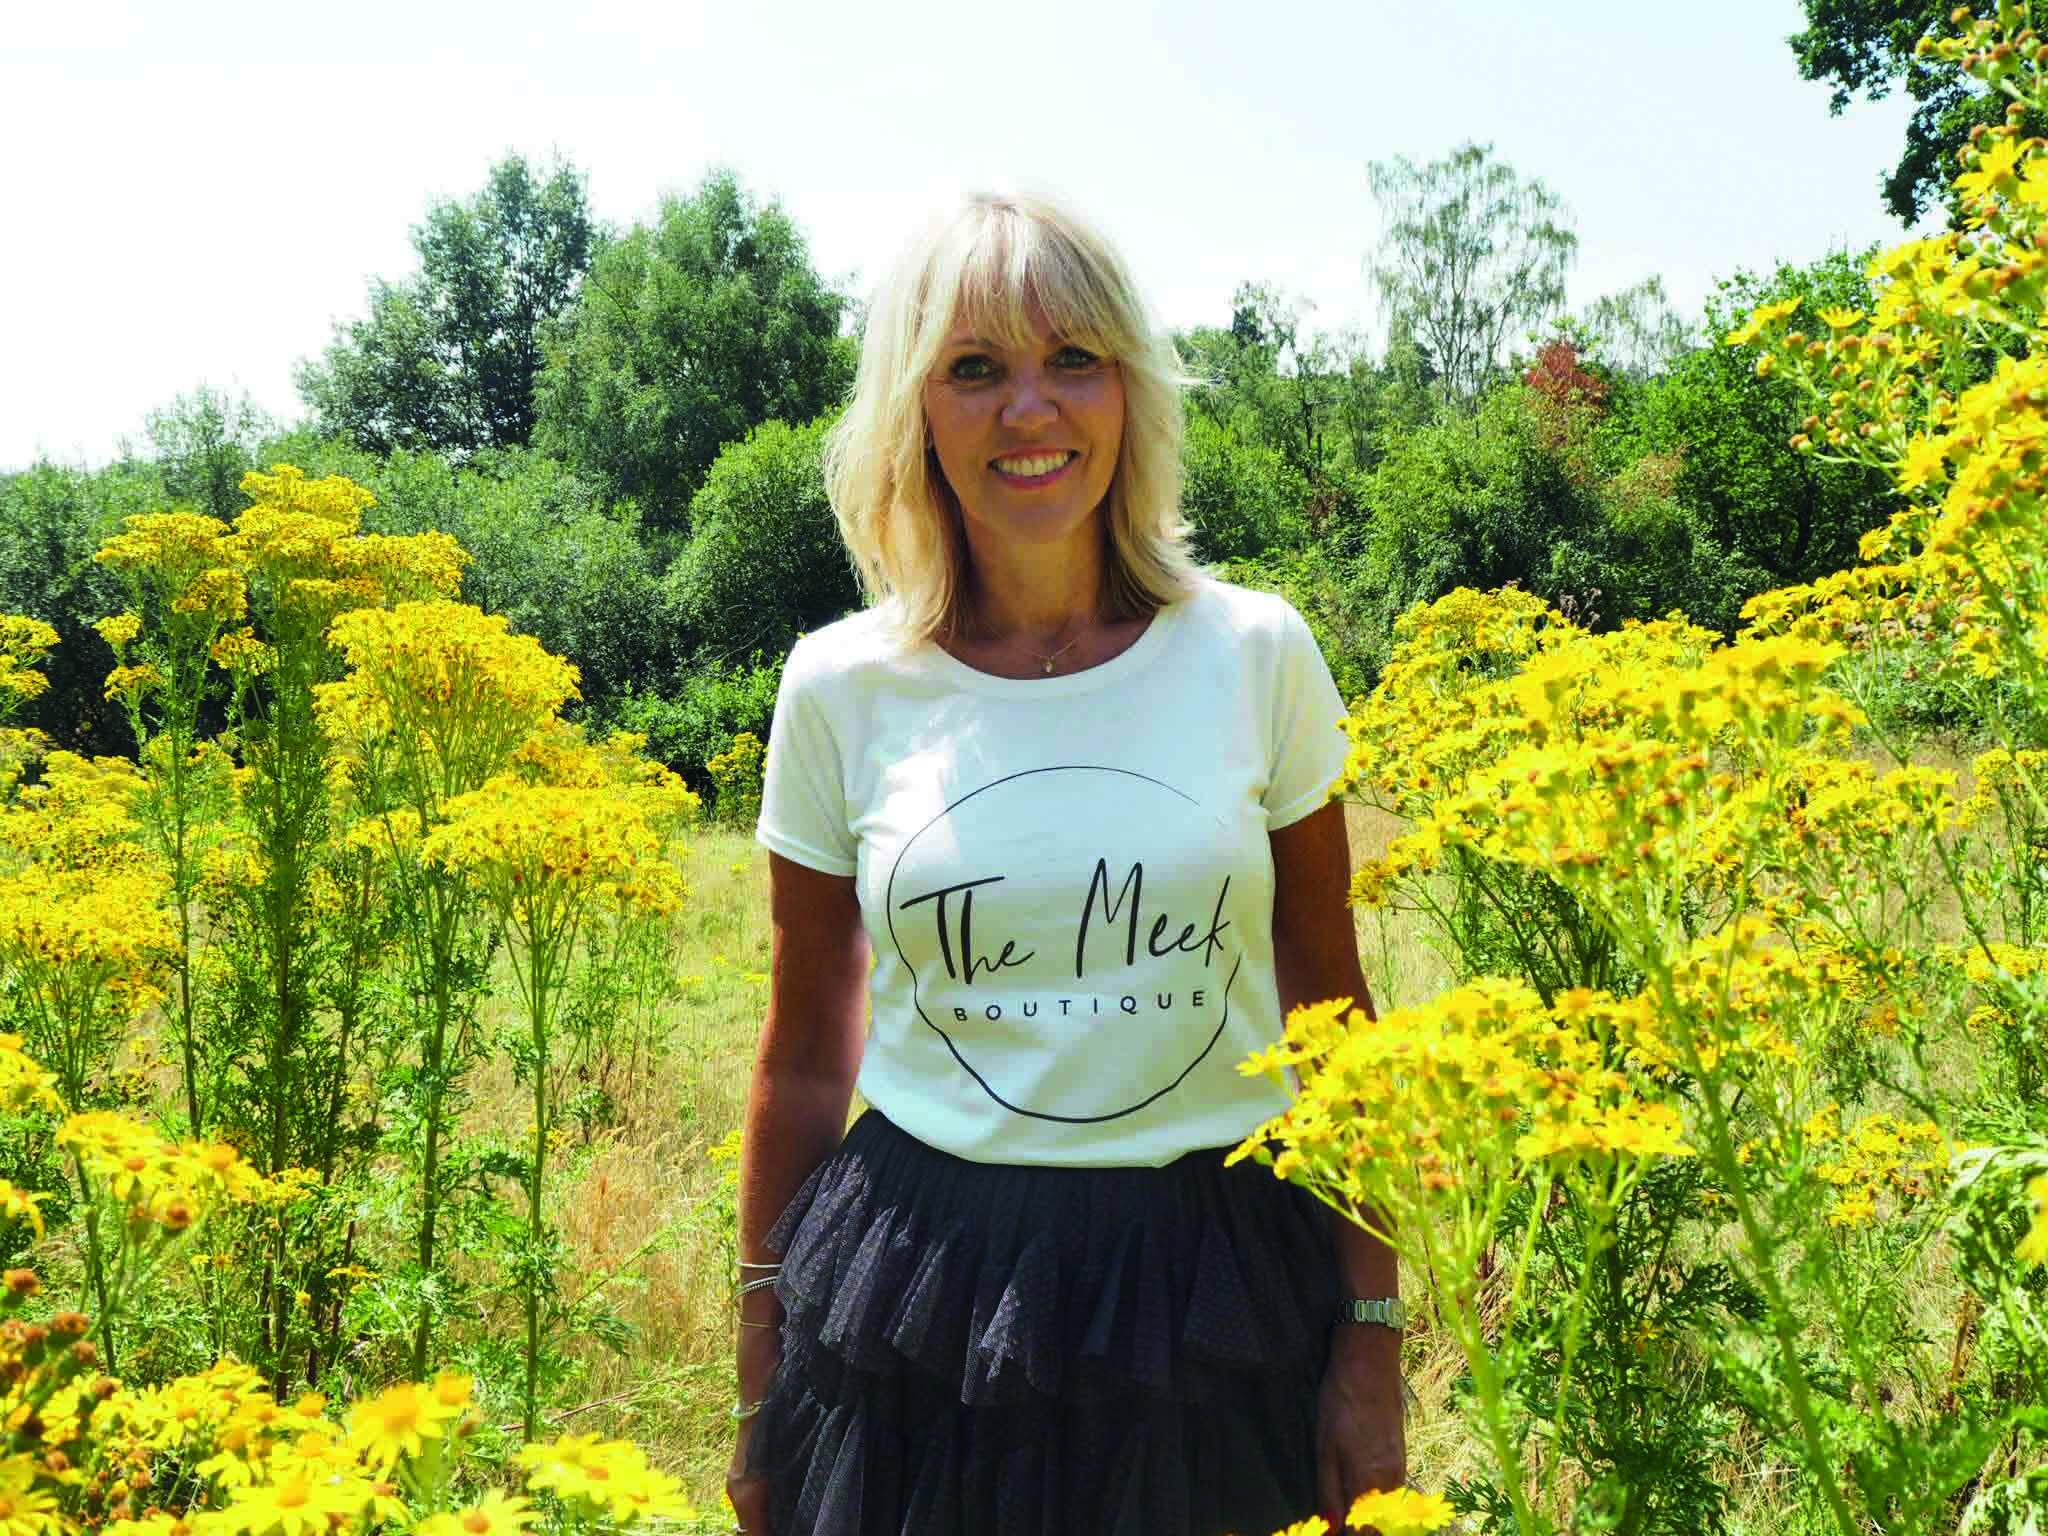 Lynne Meek, wearing branded t-shirt fot The Meek Boutique, Tunbridge Wells